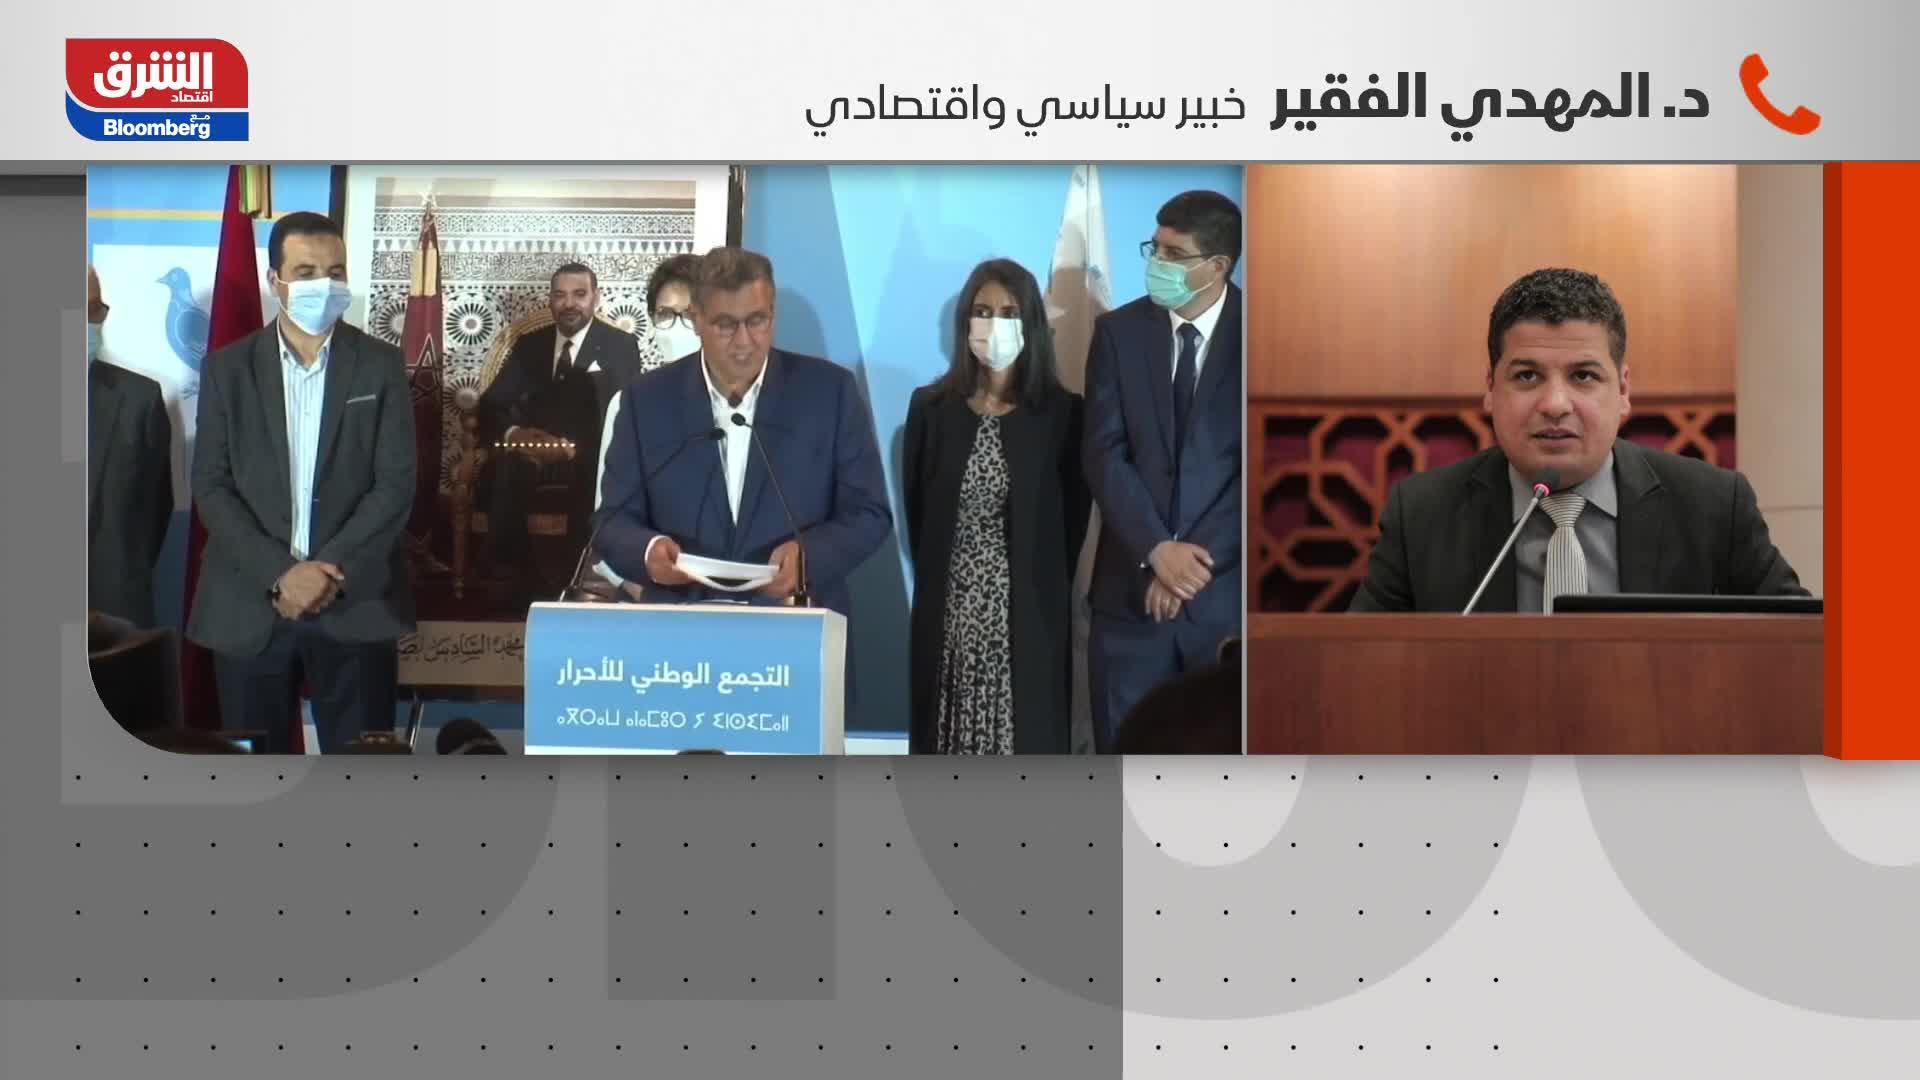 ماذا يعني انسحاب رئيس حكومة المغرب من جميع مناصب العمل في شركاته الخاصة؟